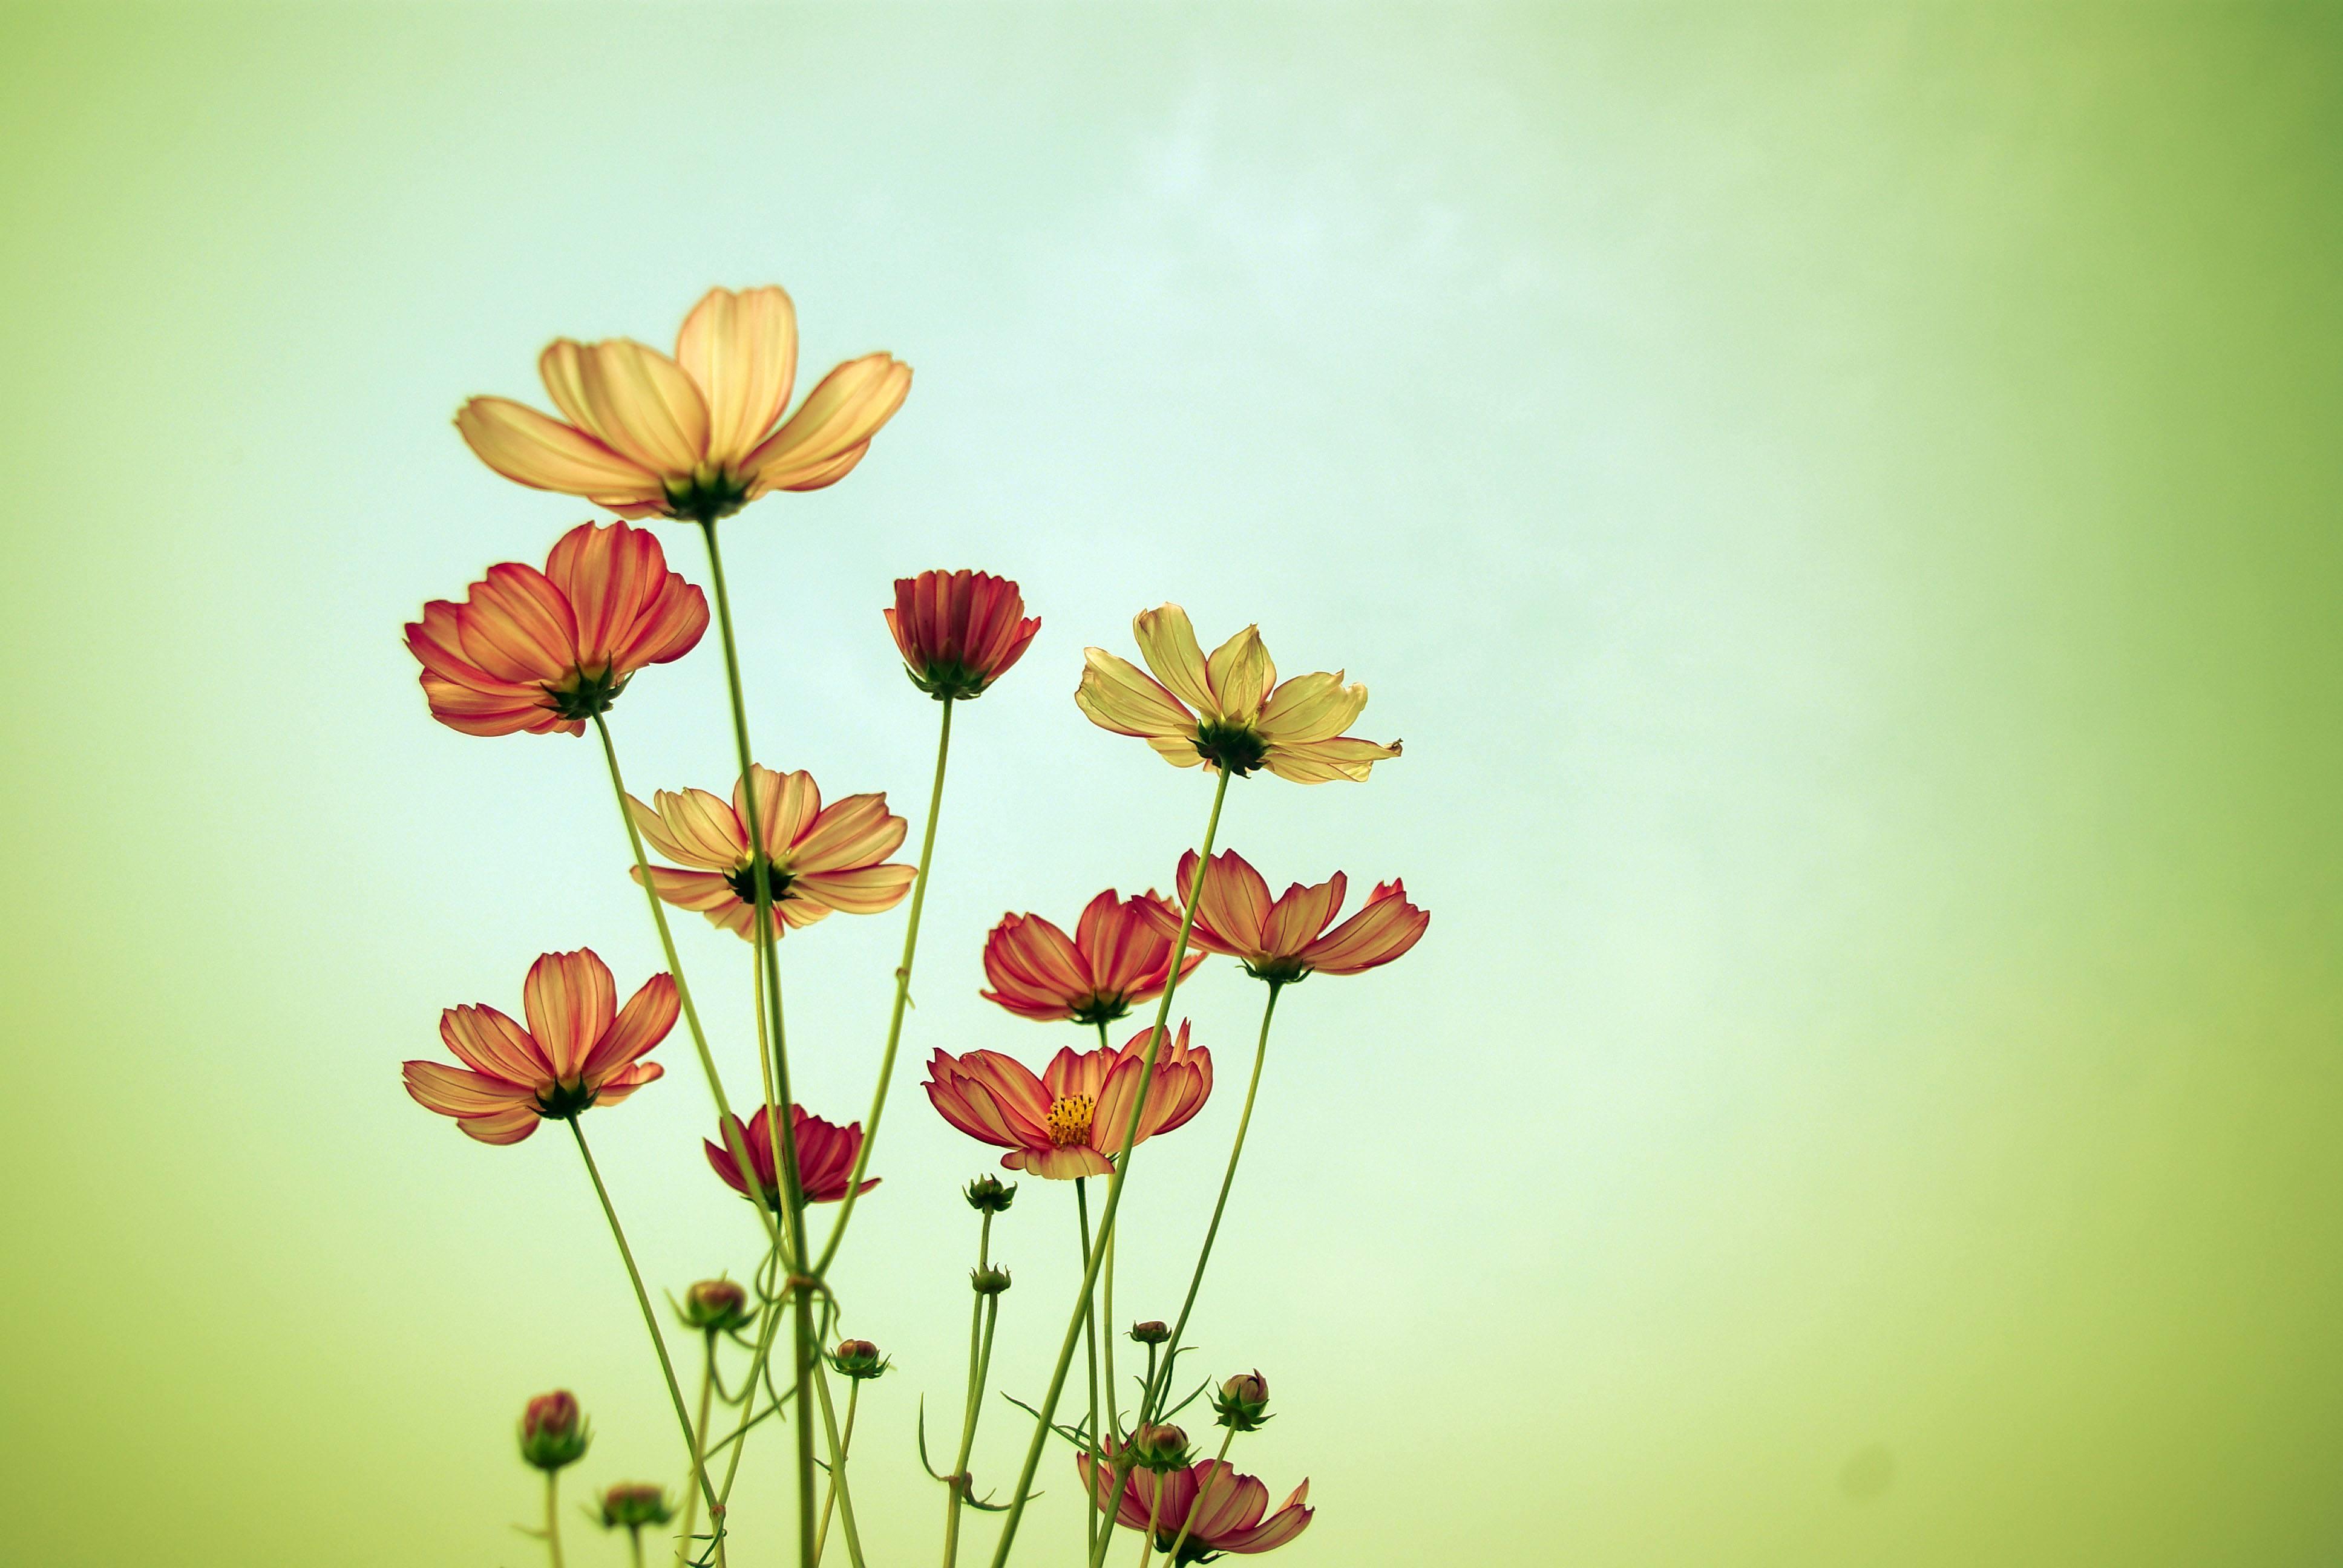 致自己的人生情感个性语录:长大之后发现,自己才是最了解自己的人